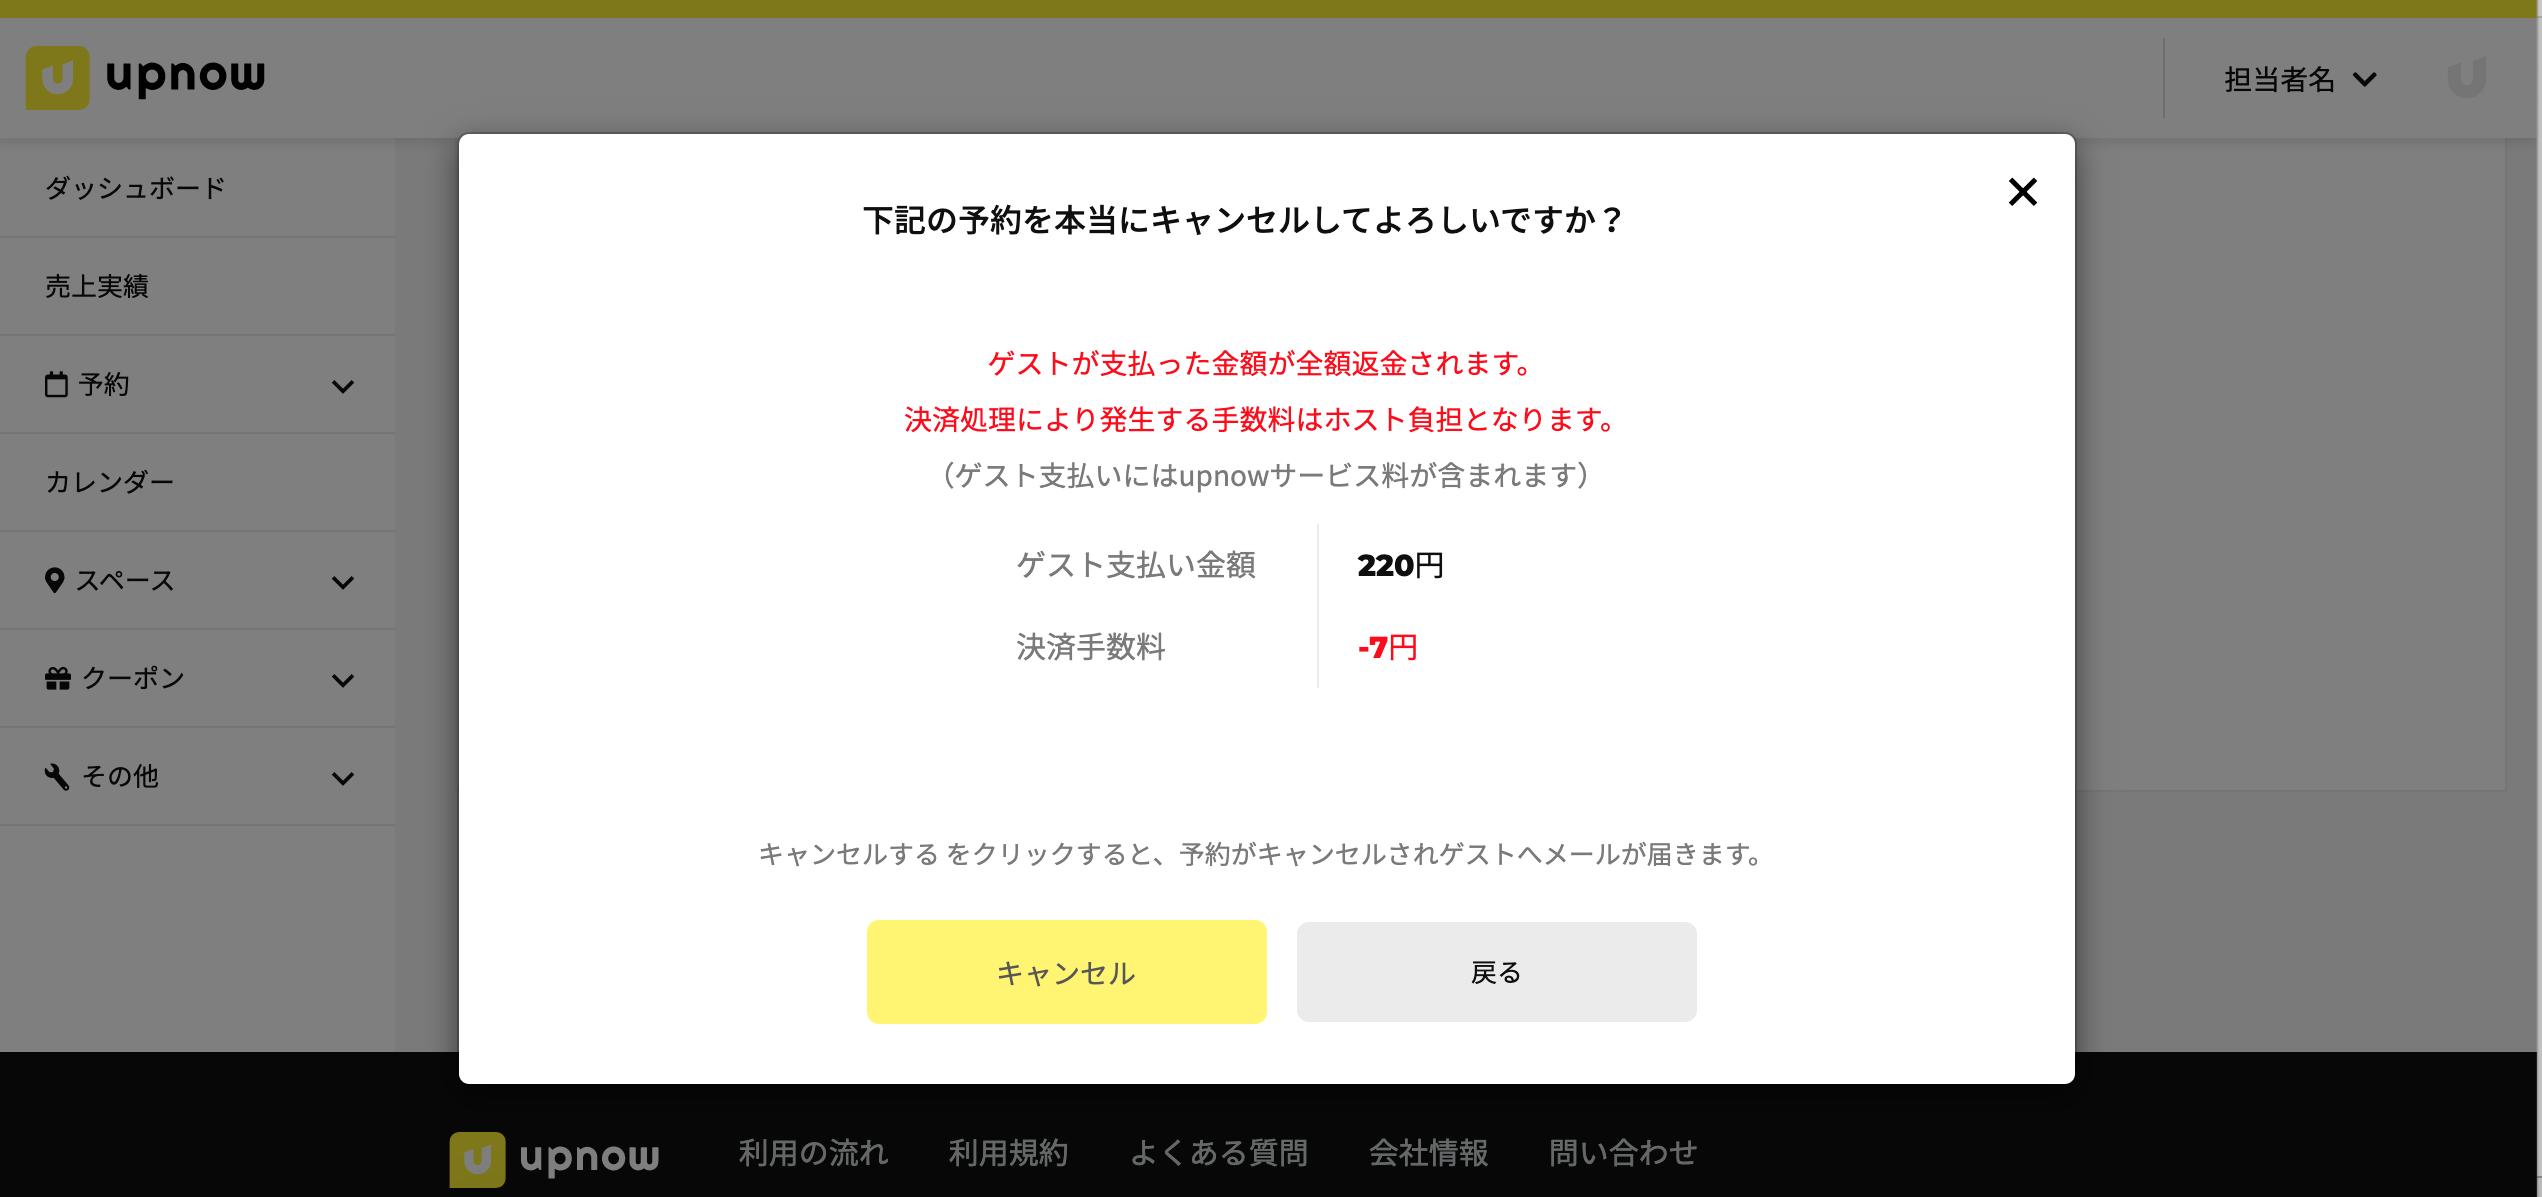 スクリーンショット 2020-04-16 17.13.50.png